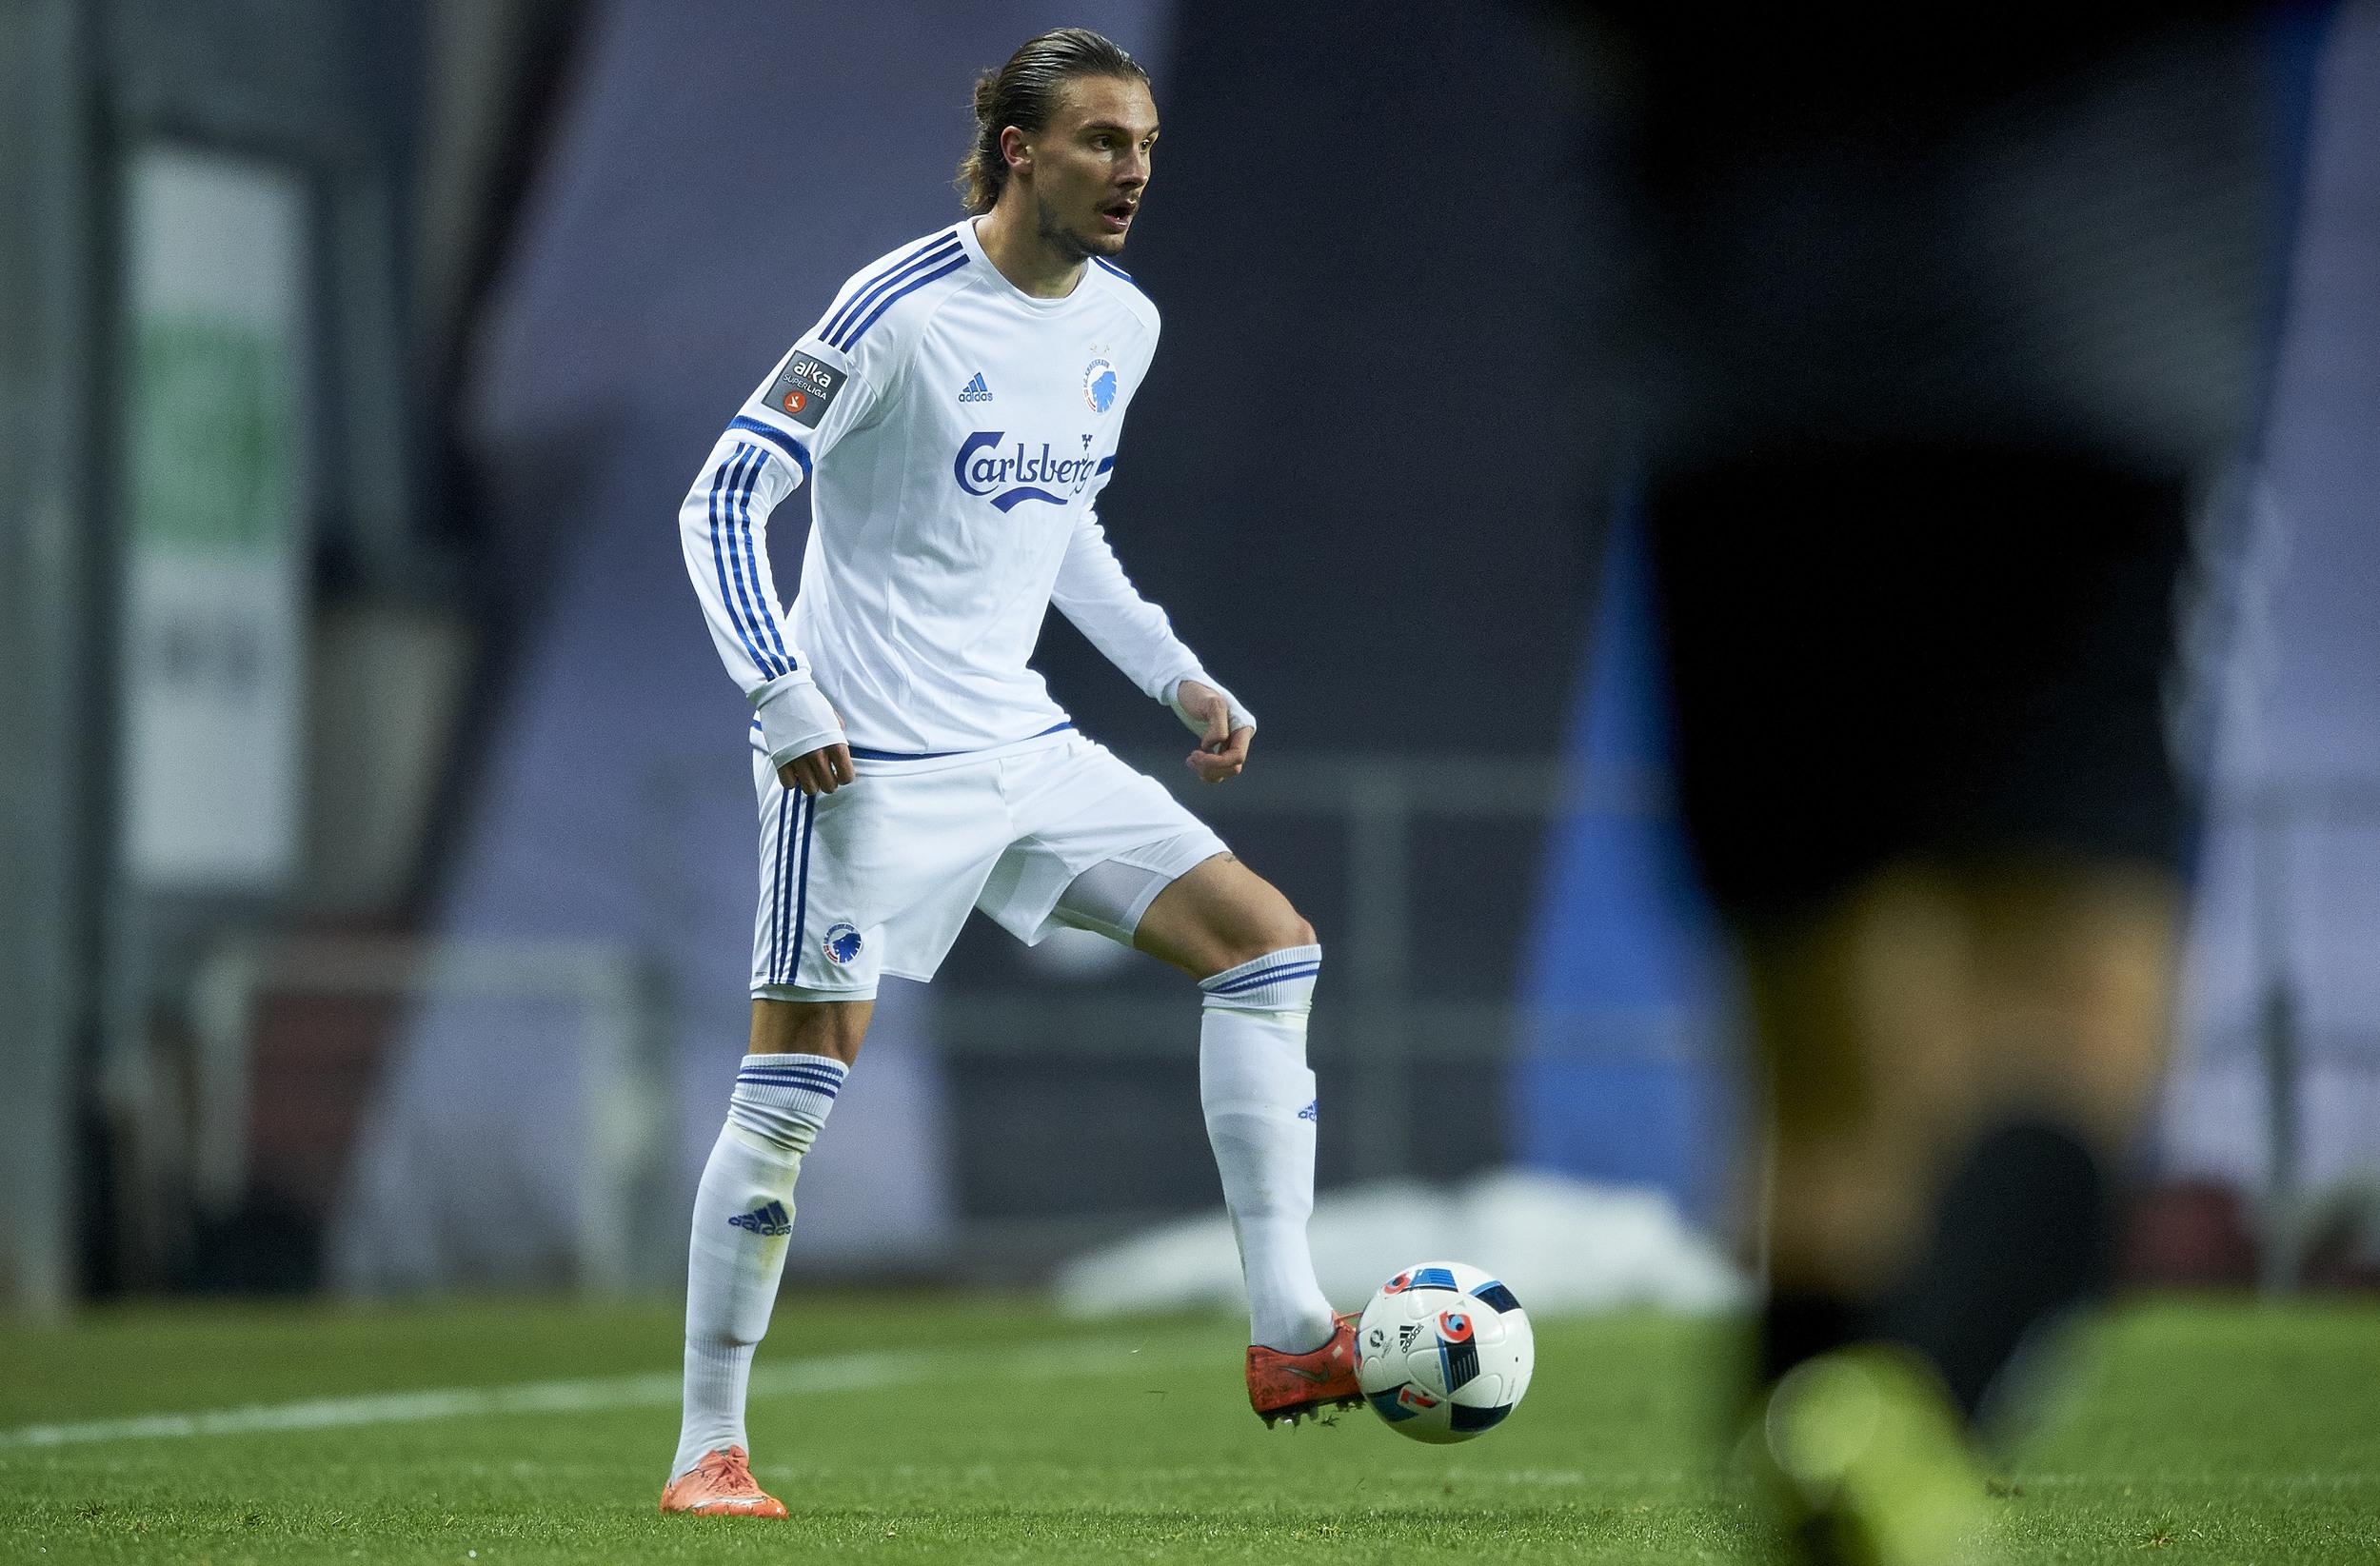 Erik Johansson et pletskud i FC København. Foto: Getty Images/Lars Rønbøg.